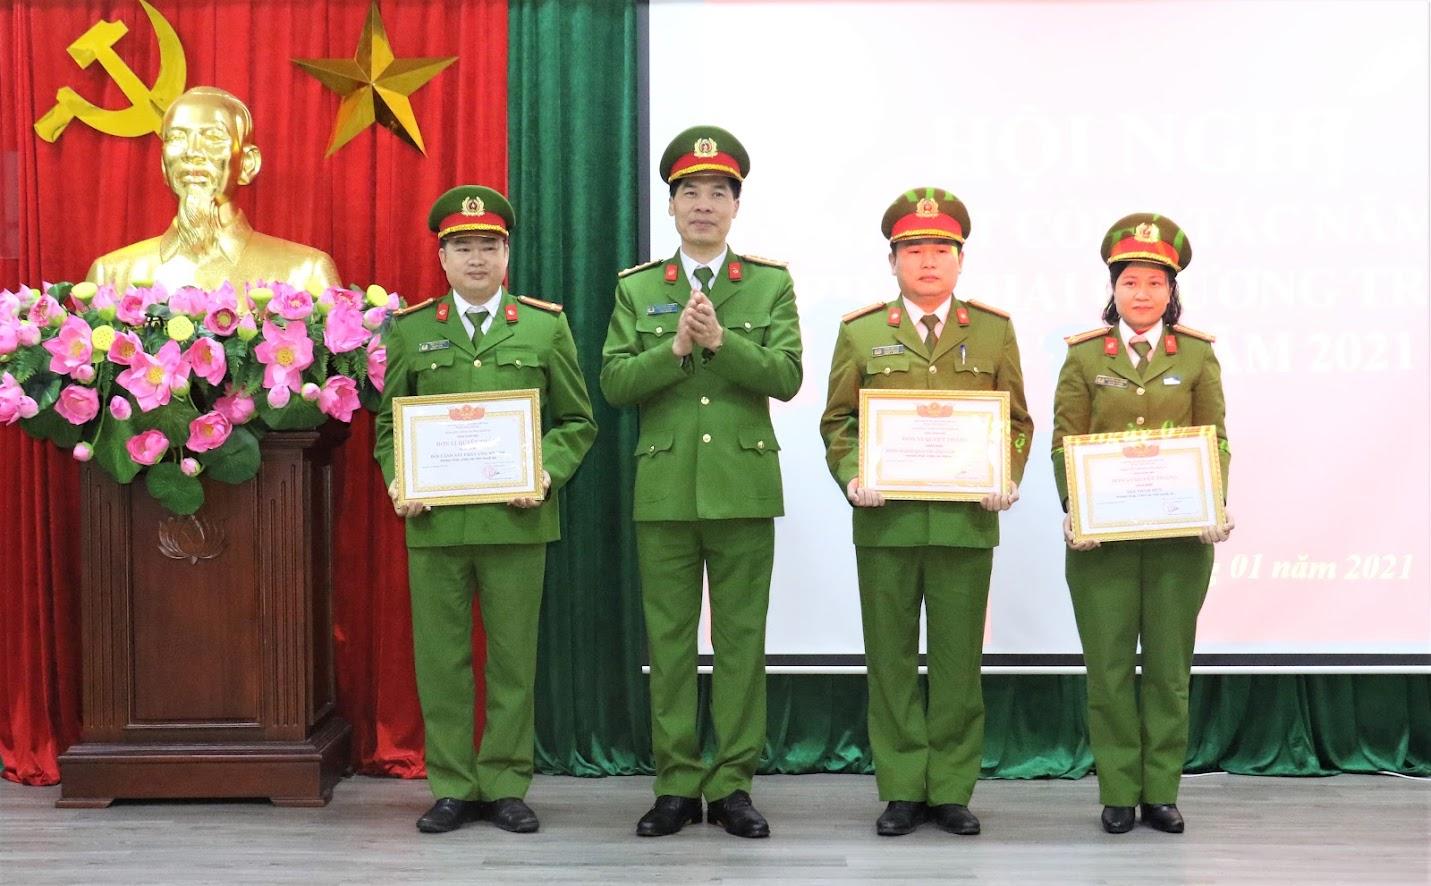 Đại tá Cao Minh Huyền - Phó Giám đốc Công an tỉnh trao Giấy khen cho các tập thể,cá nhân có thành tích xuất sắc là chú thích hai ảnh khen thưởng đầu.